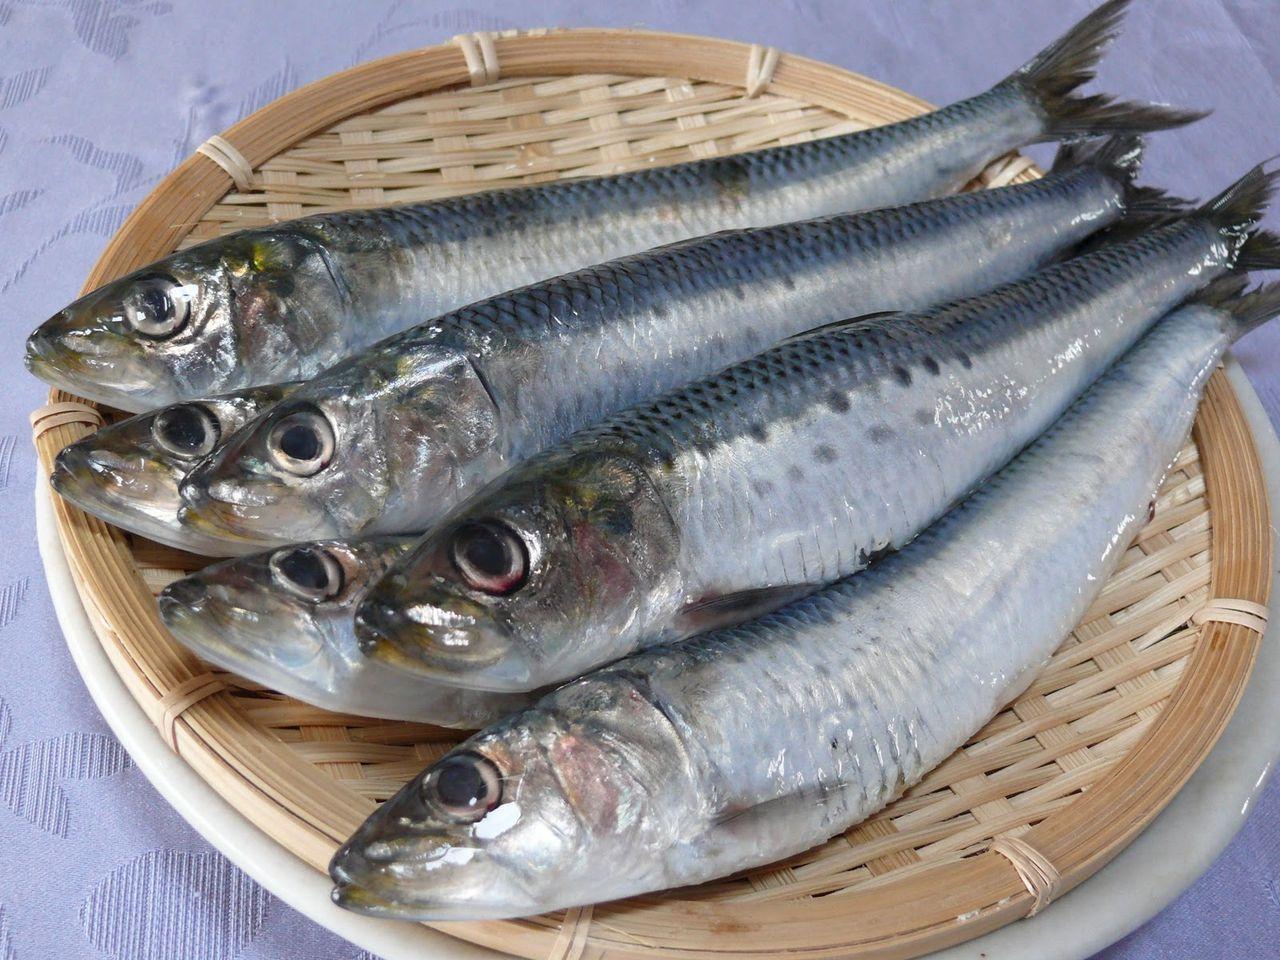 あお ざかな 種類 鮭は白身魚?青魚?気になる魚の分類の謎に迫ってみた